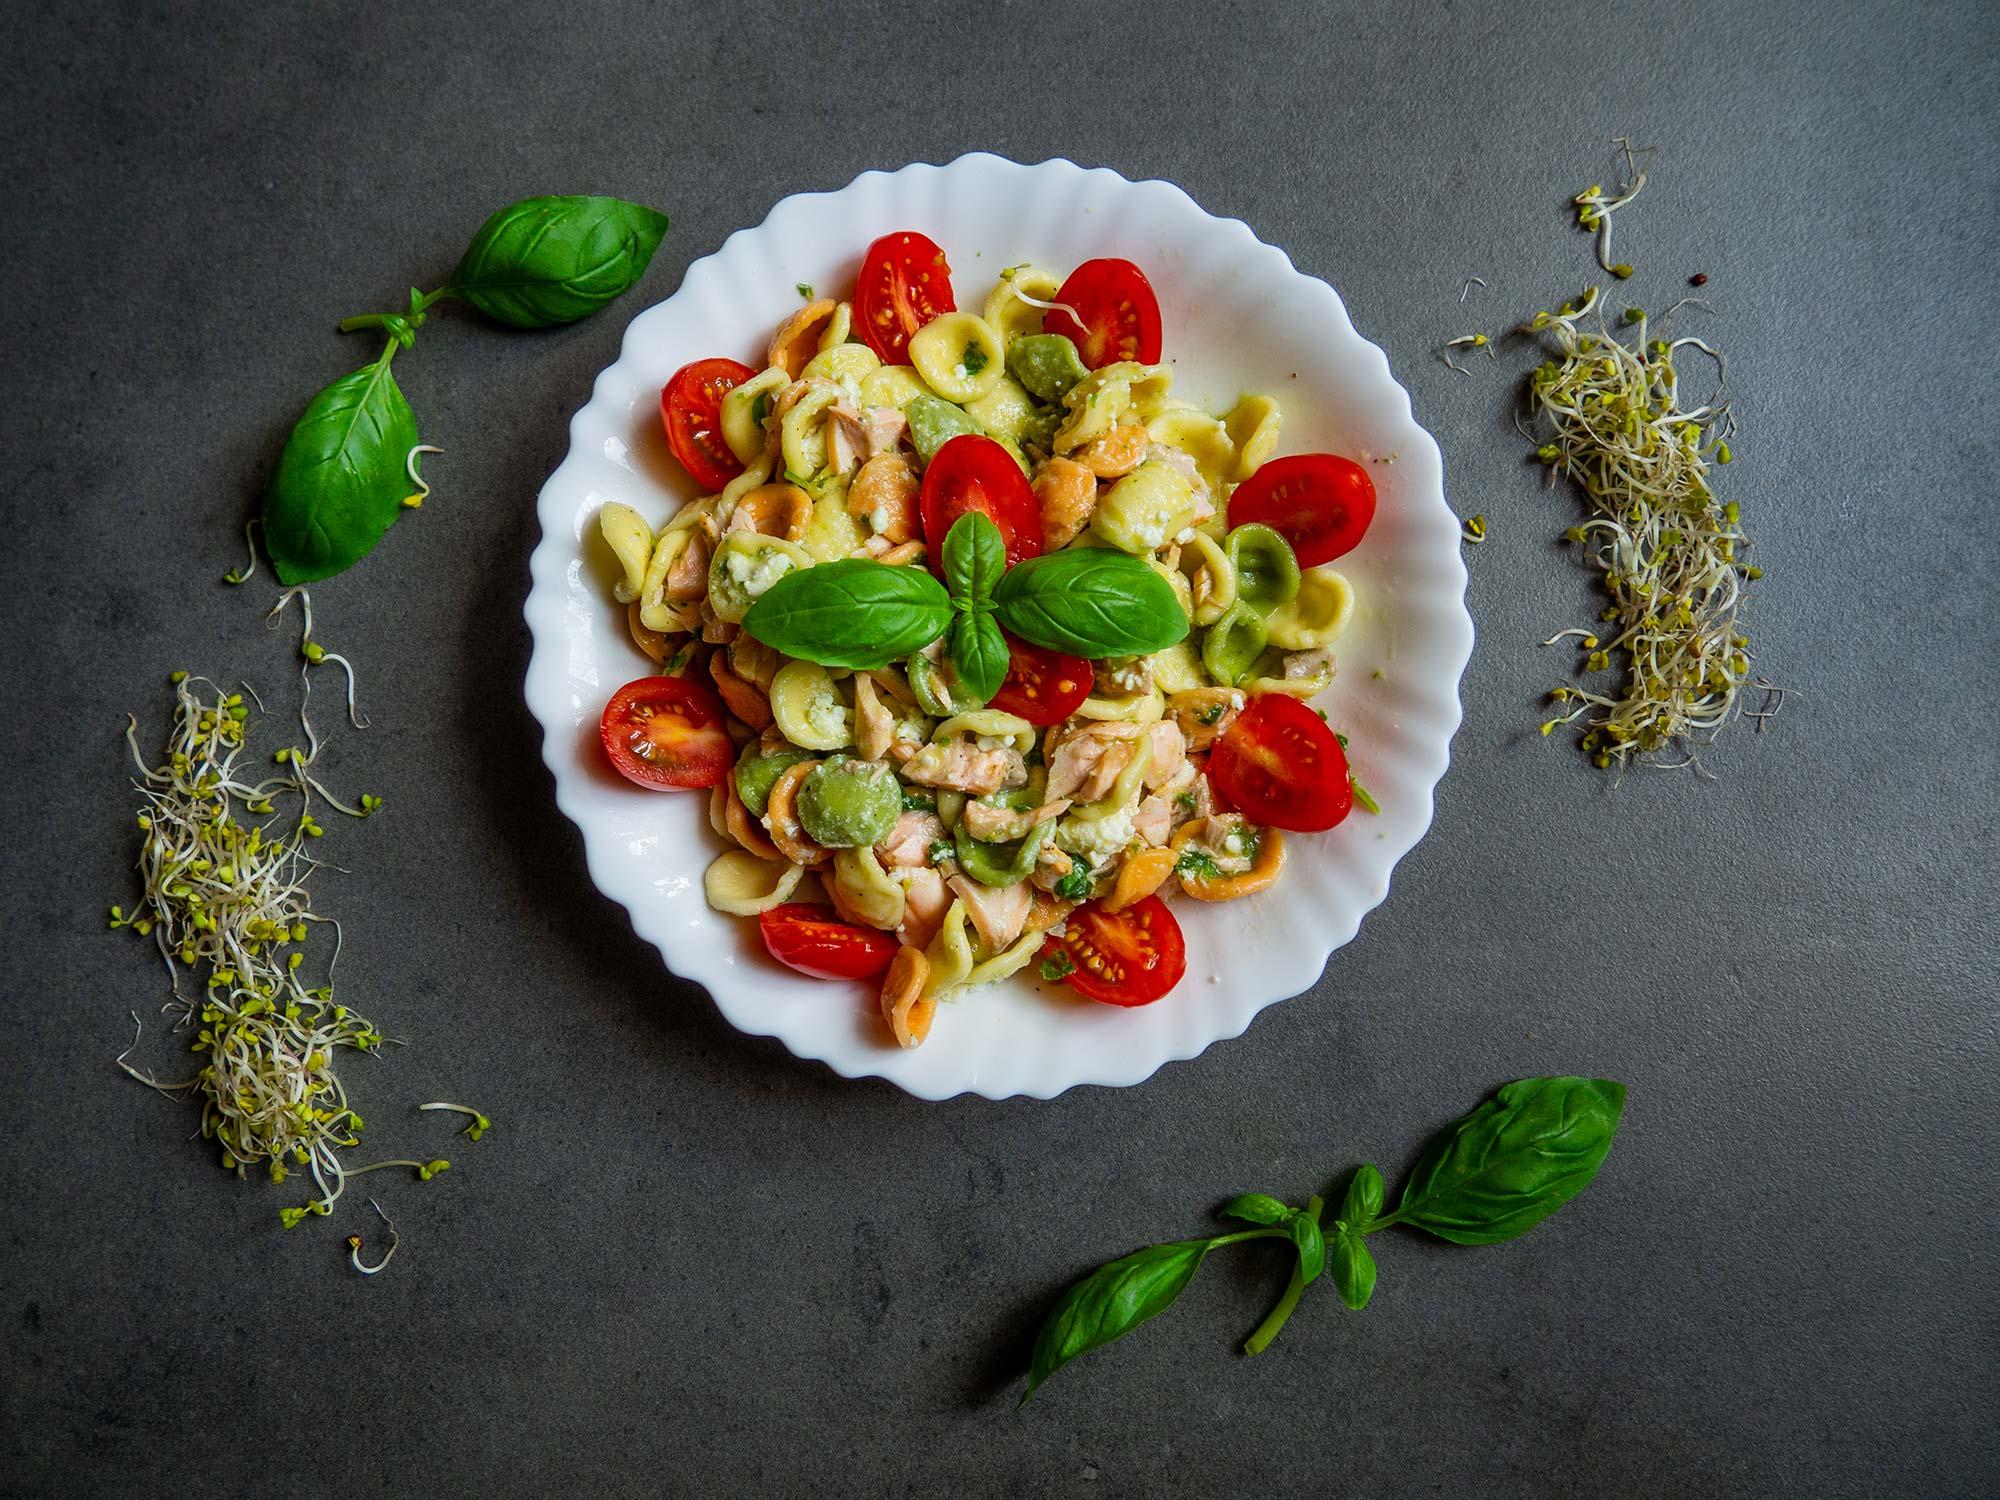 Pasta with basil pesto and salmon